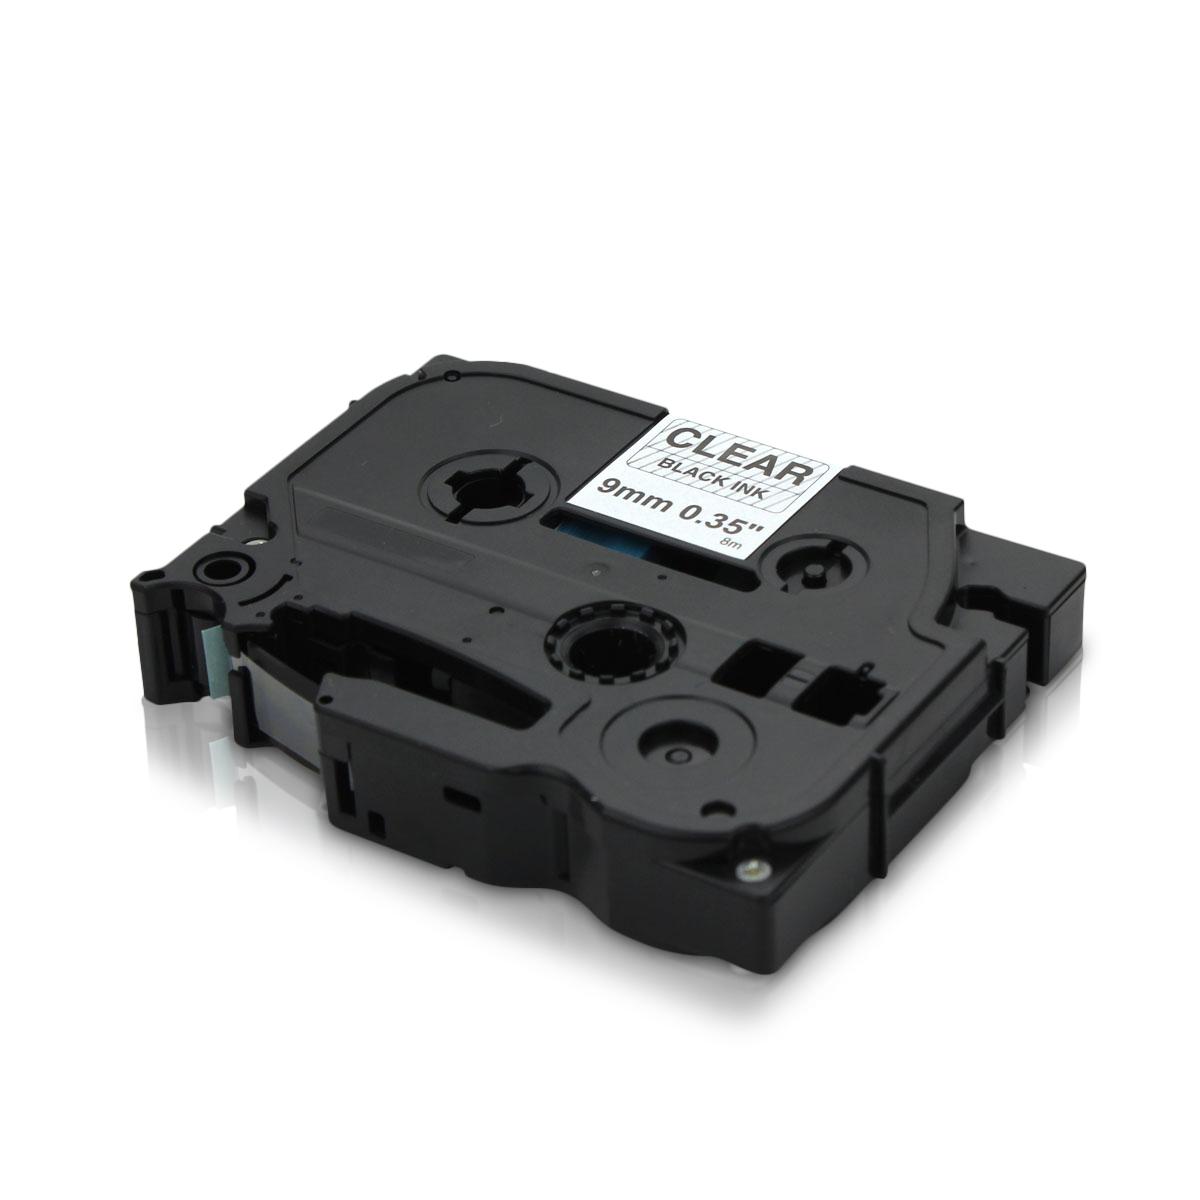 TZe121 Alternativ Farbband Black on Clear für Bro / TZe121